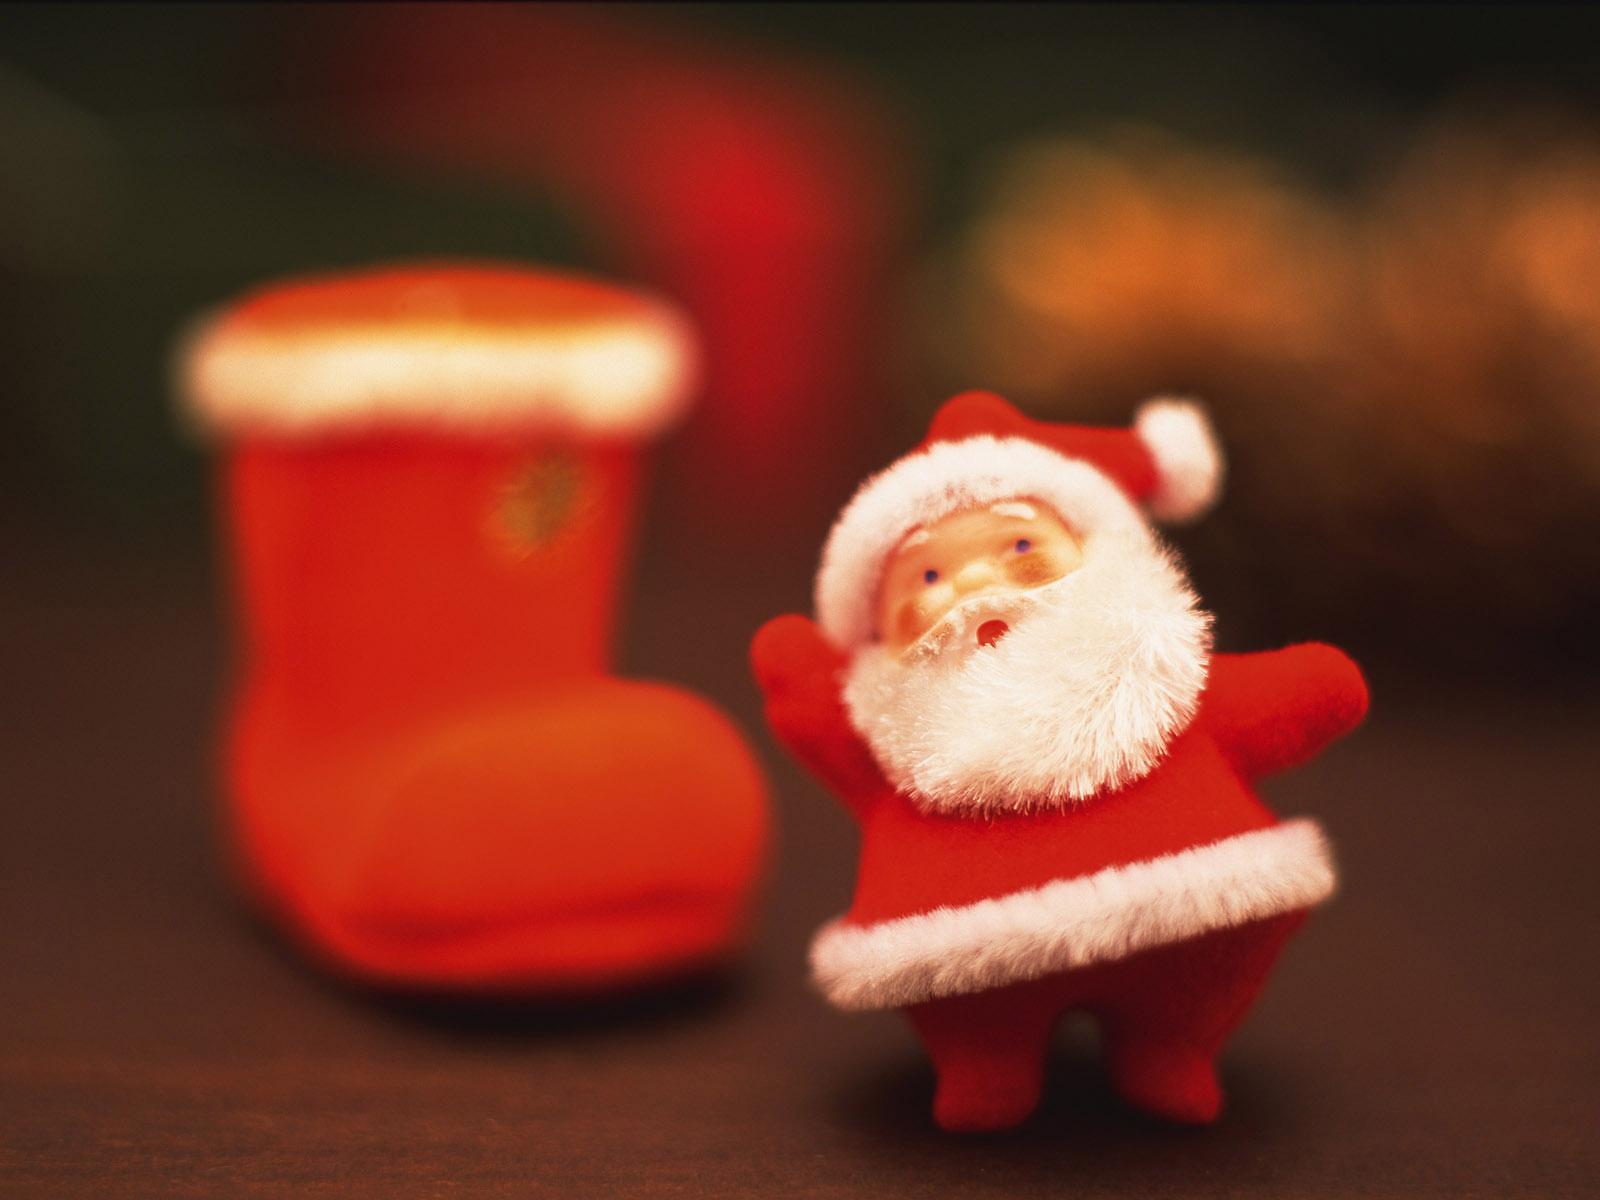 http://3.bp.blogspot.com/-wSzjKwy2fS4/Tq_TJGTUClI/AAAAAAAAP3o/aSnRJN10wbk/s1600/Mooie-kerstman-achtergronden-leuke-kerstman-wallpapers-afbeelding-plaatje-foto-25.jpg